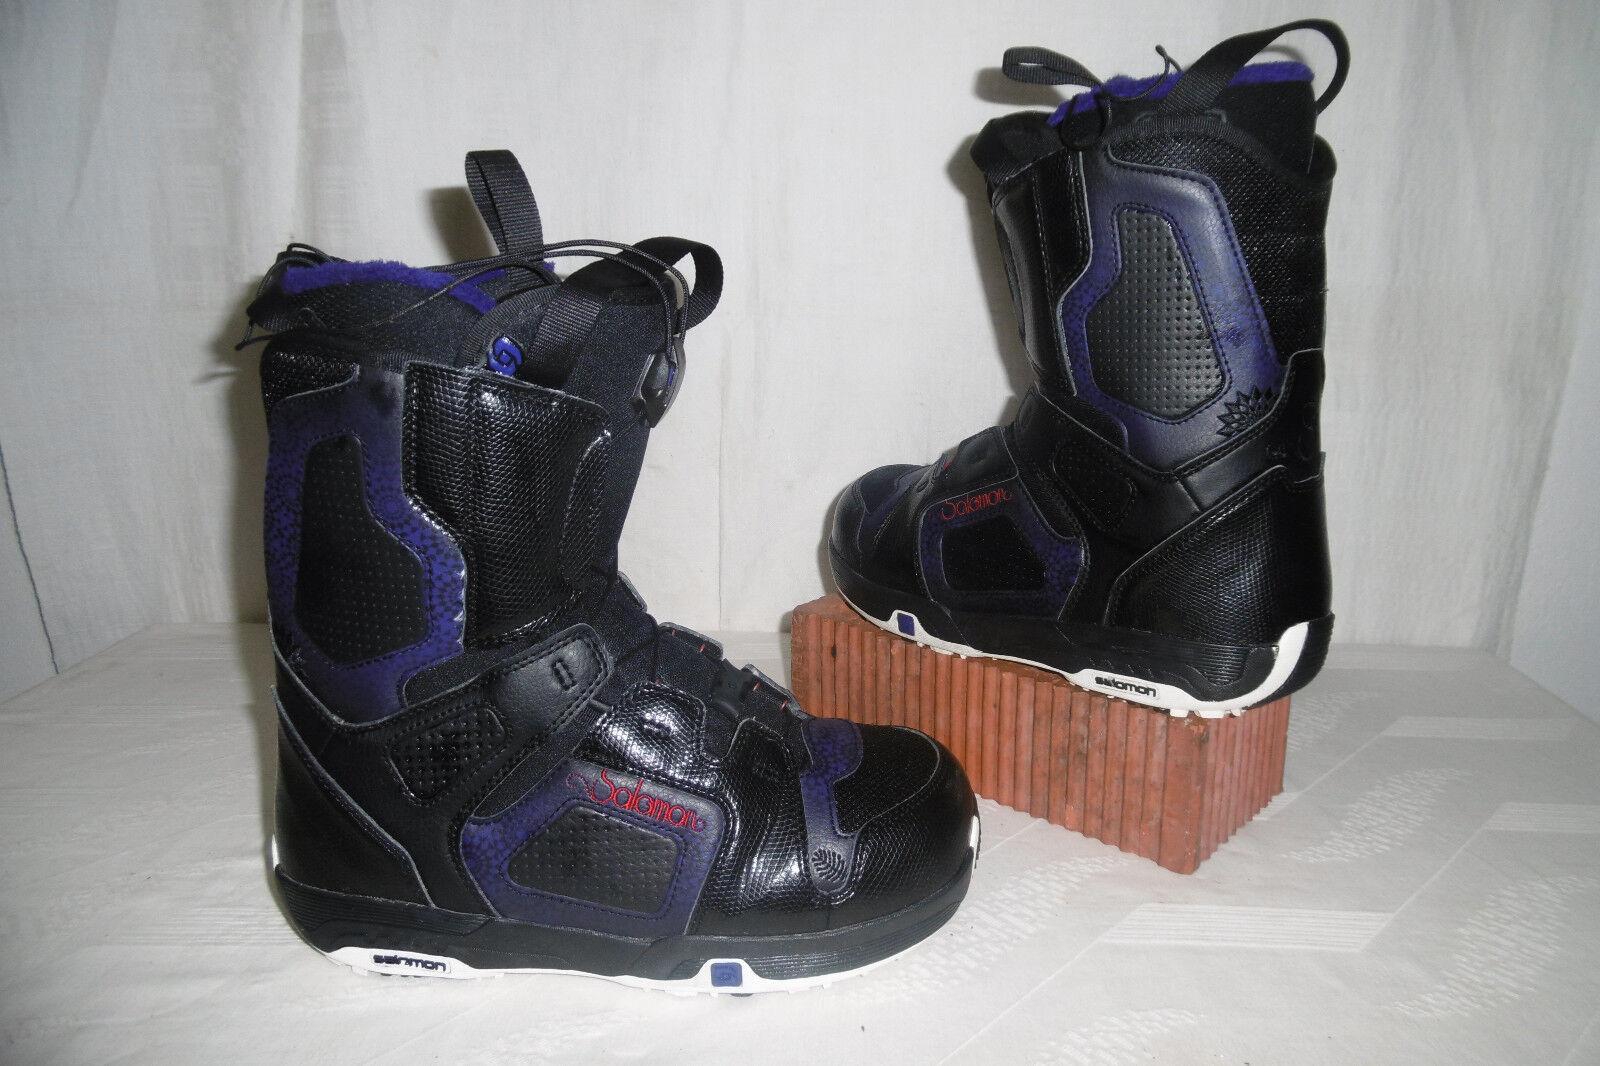 Salomon  kalitan  Top daSie Snowboard Stiefel Größe  37